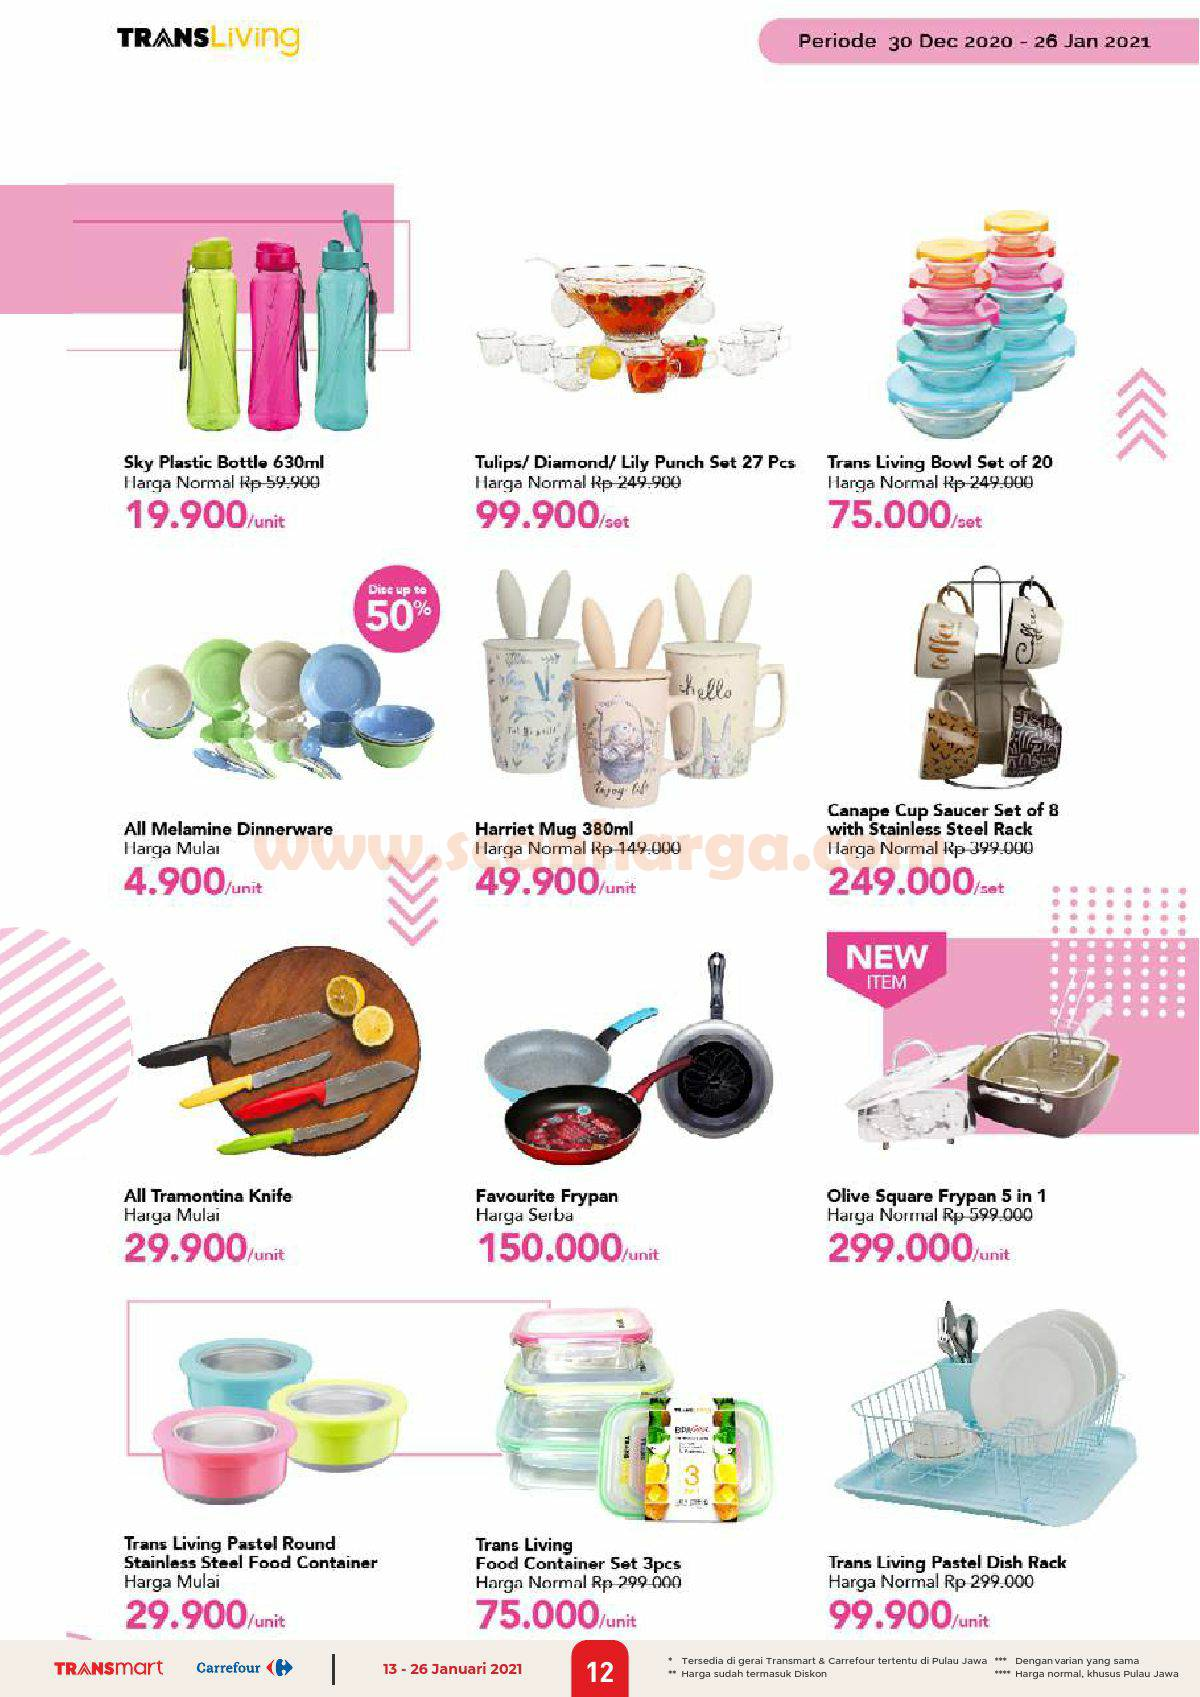 Katalog Promo Carrefour Transmart 13 - 26 Januari 2021 12